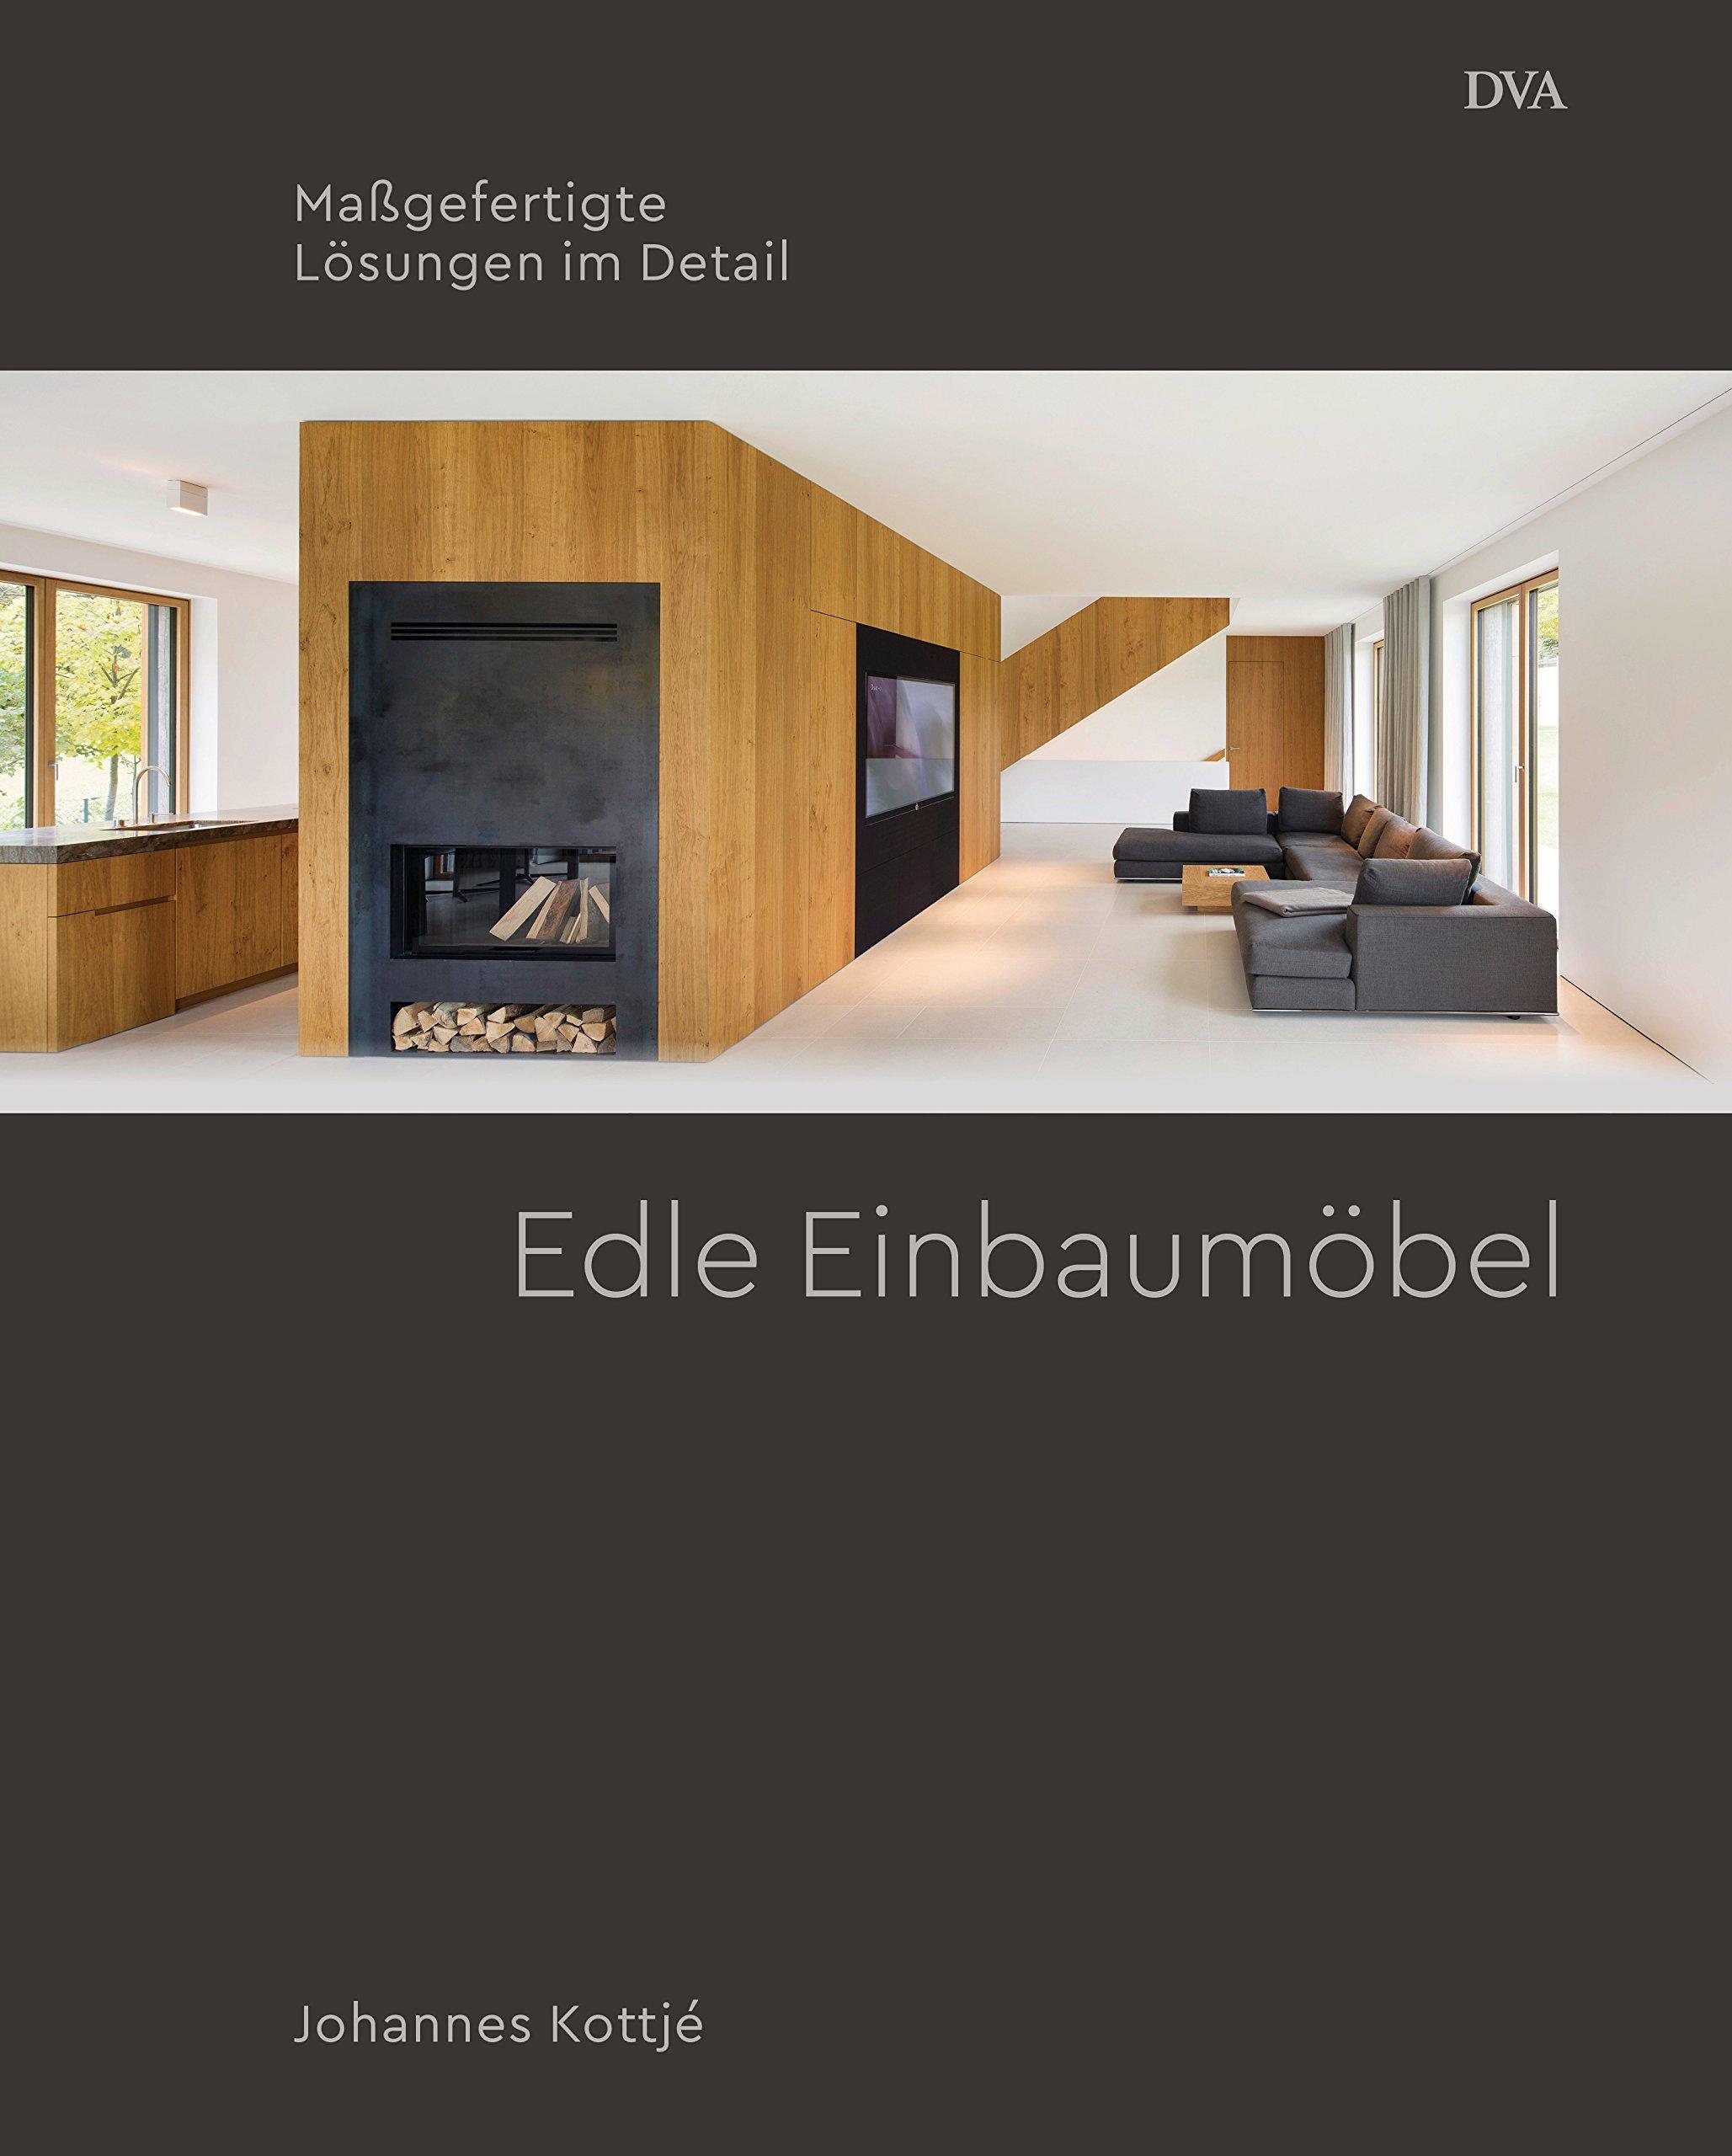 Edle Einbaumöbel: Maßgefertigte Lösungen im Detail